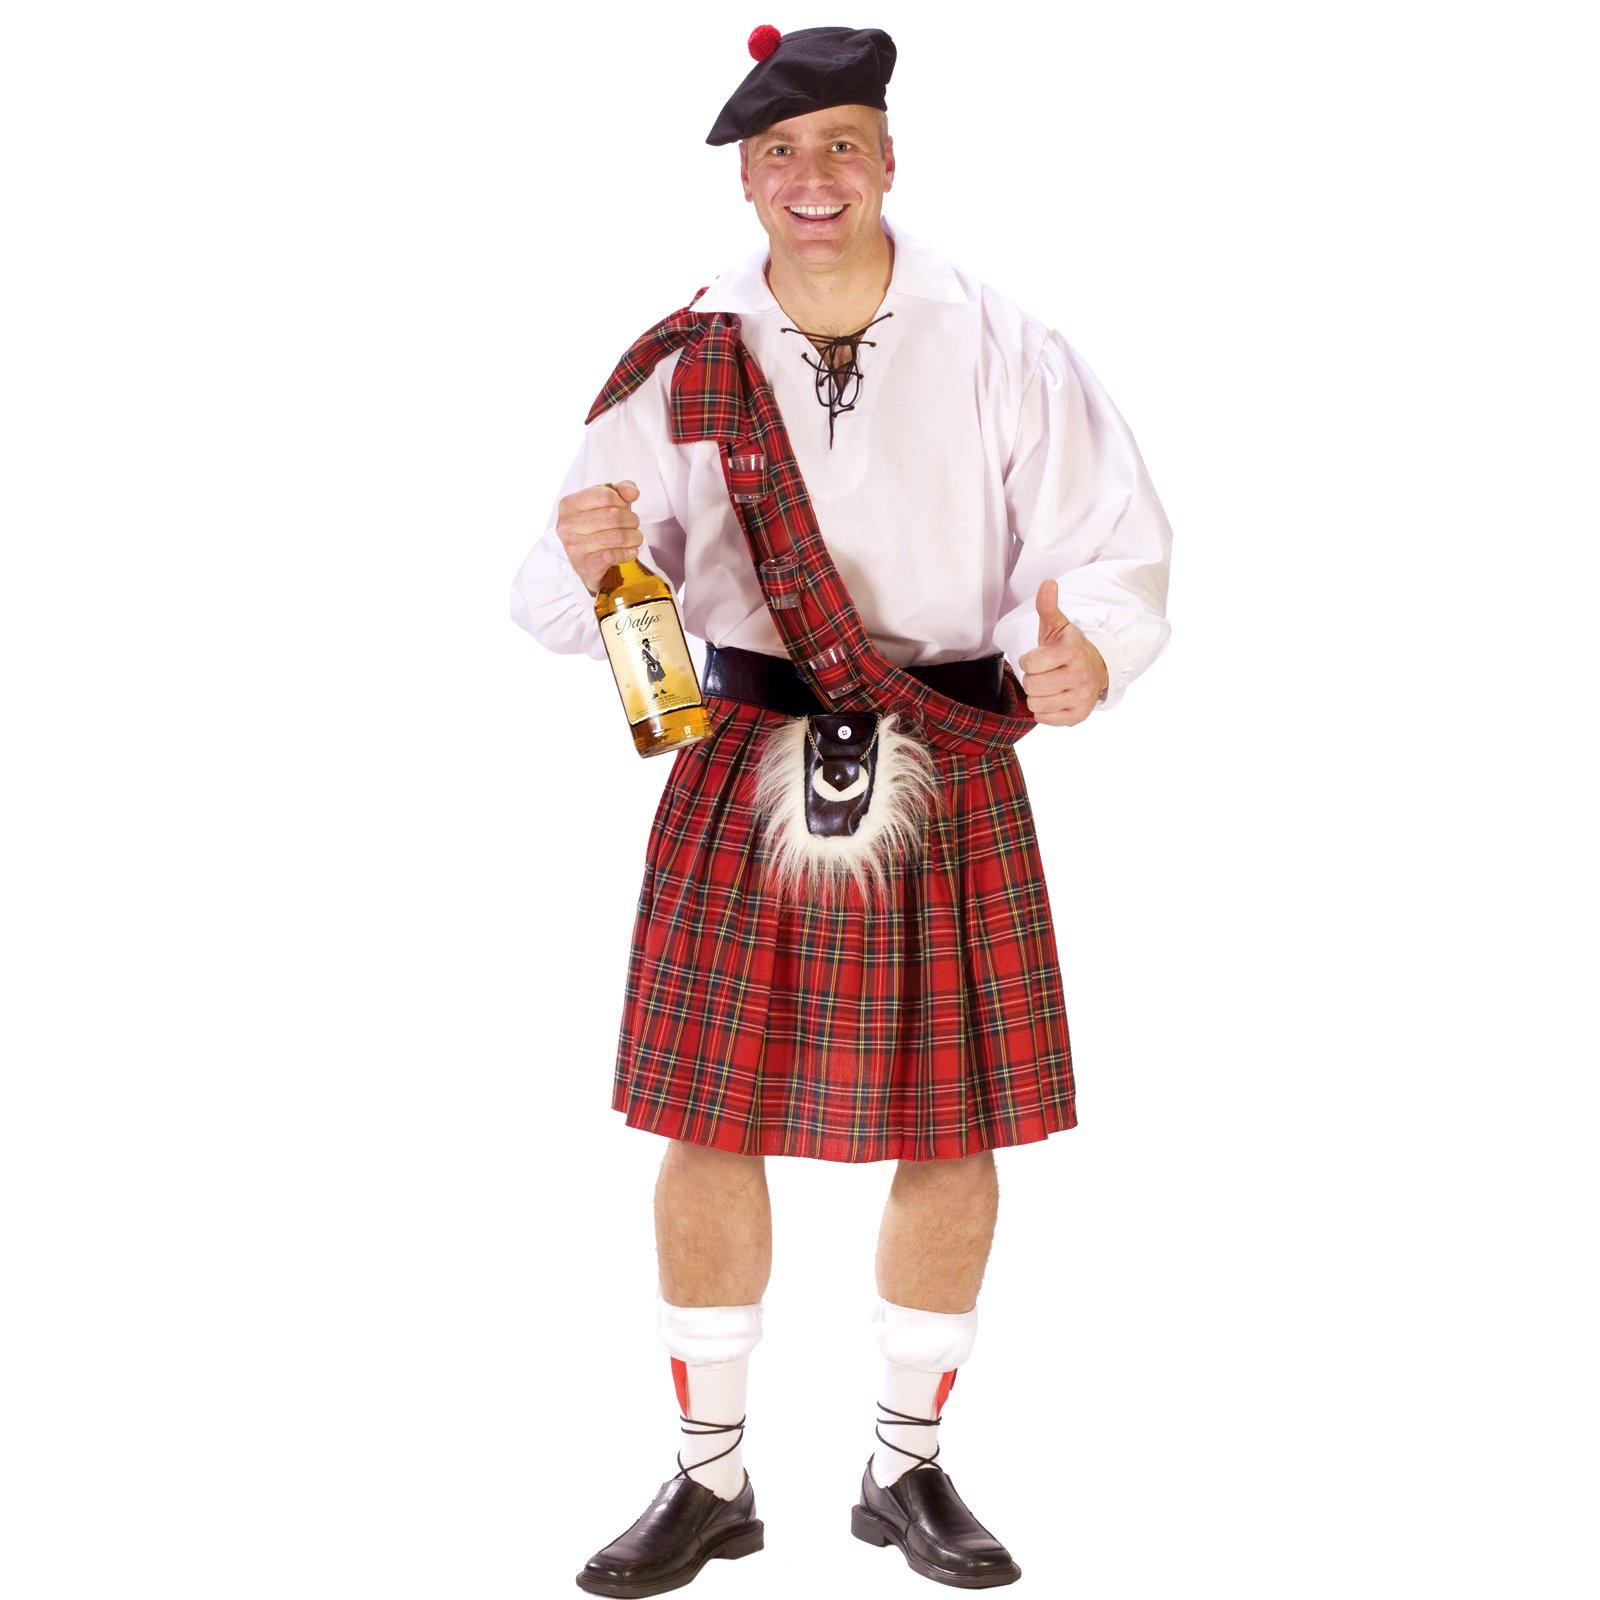 Man in Kilt costume